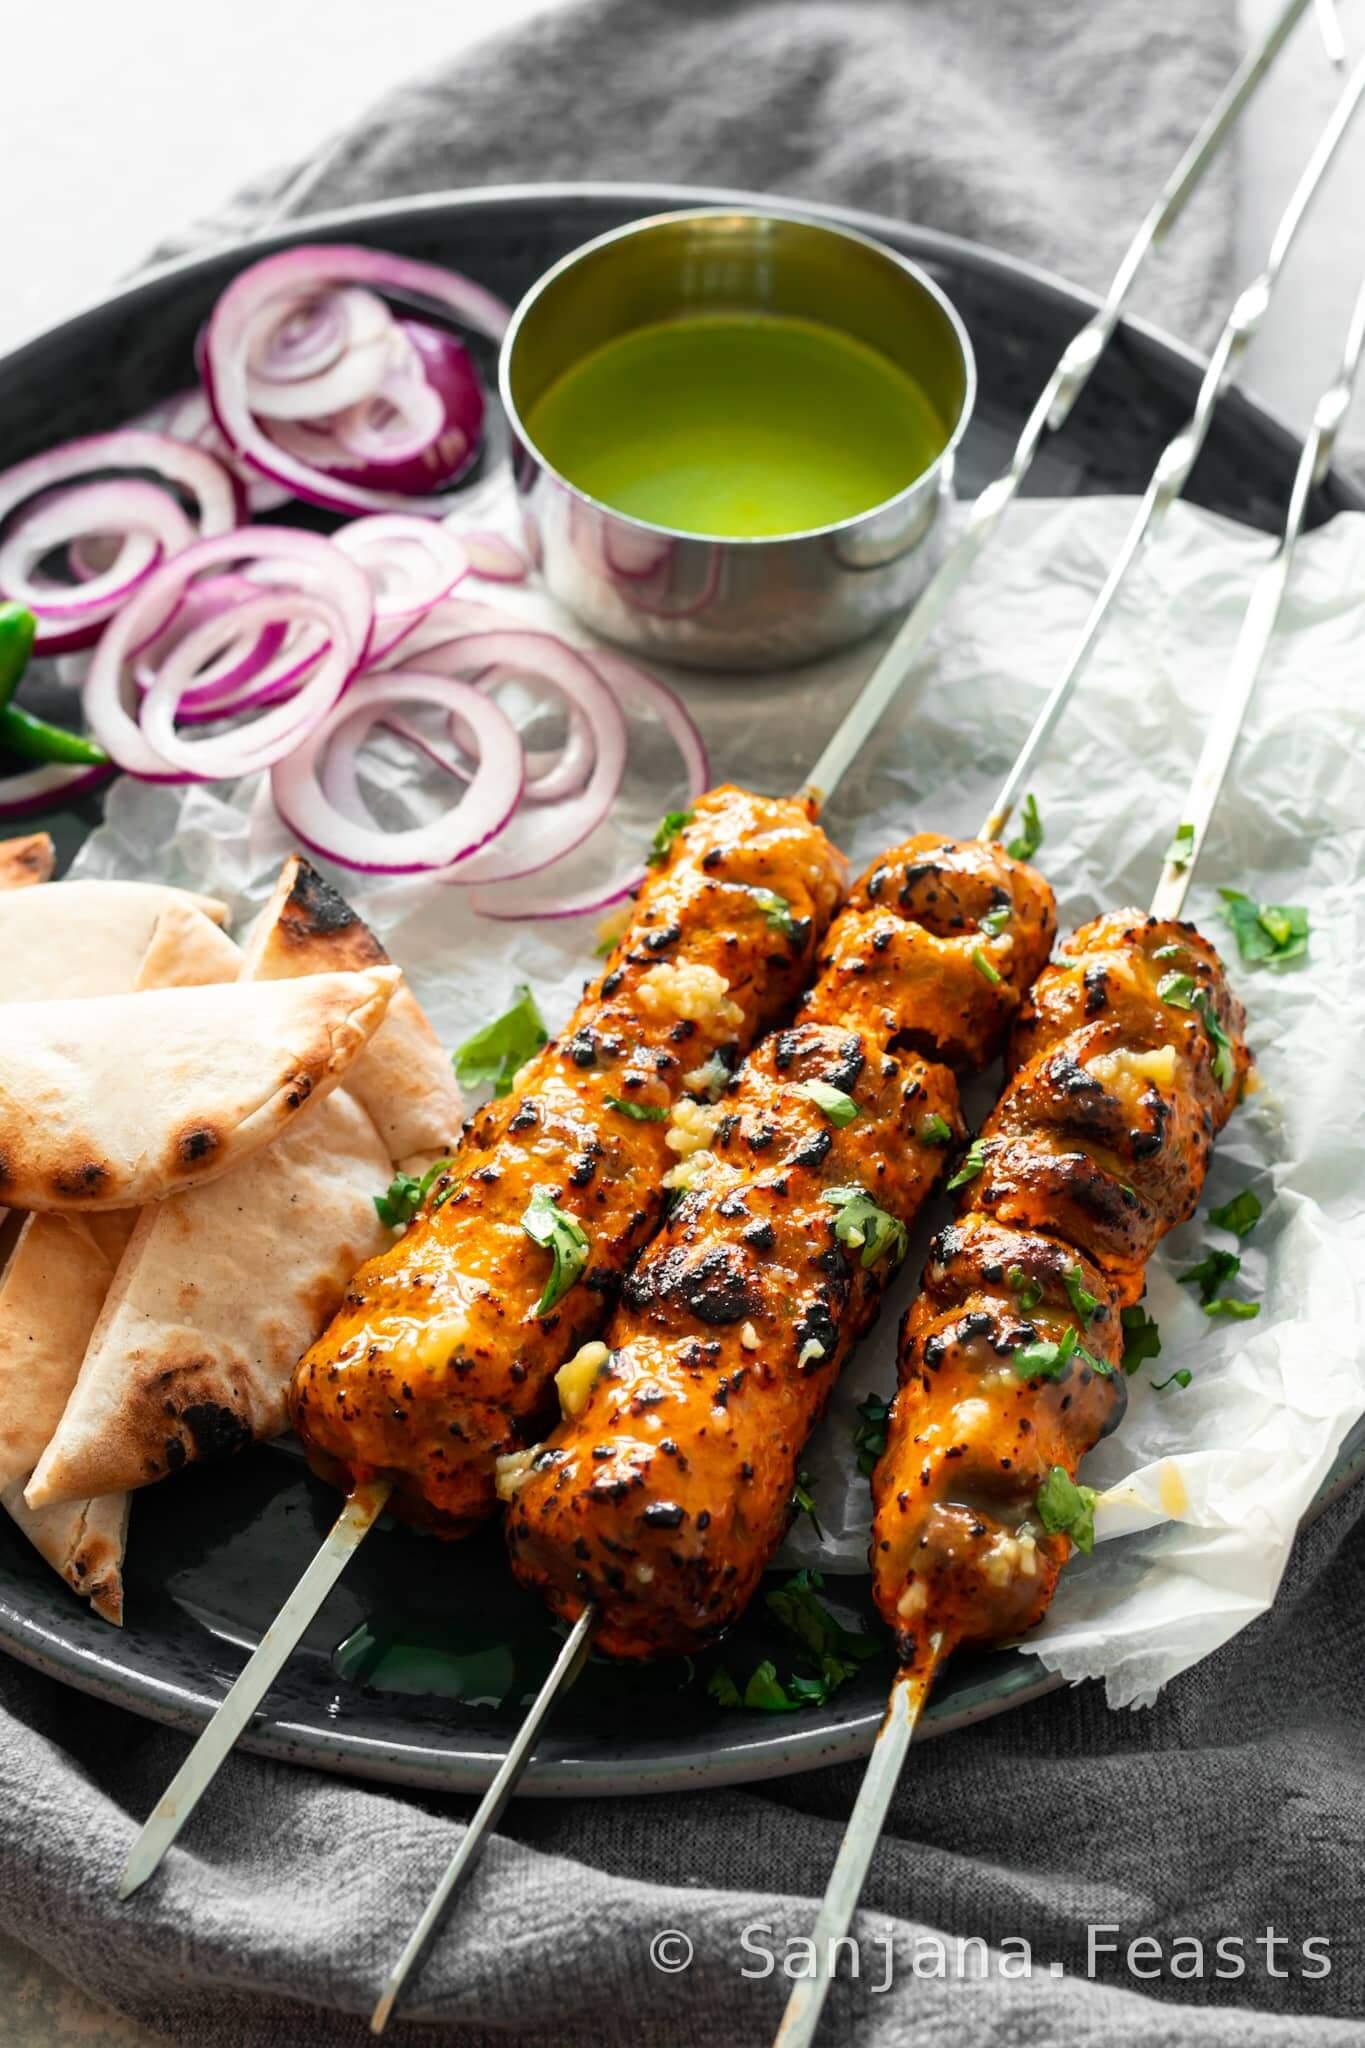 Indian tandoori recipes